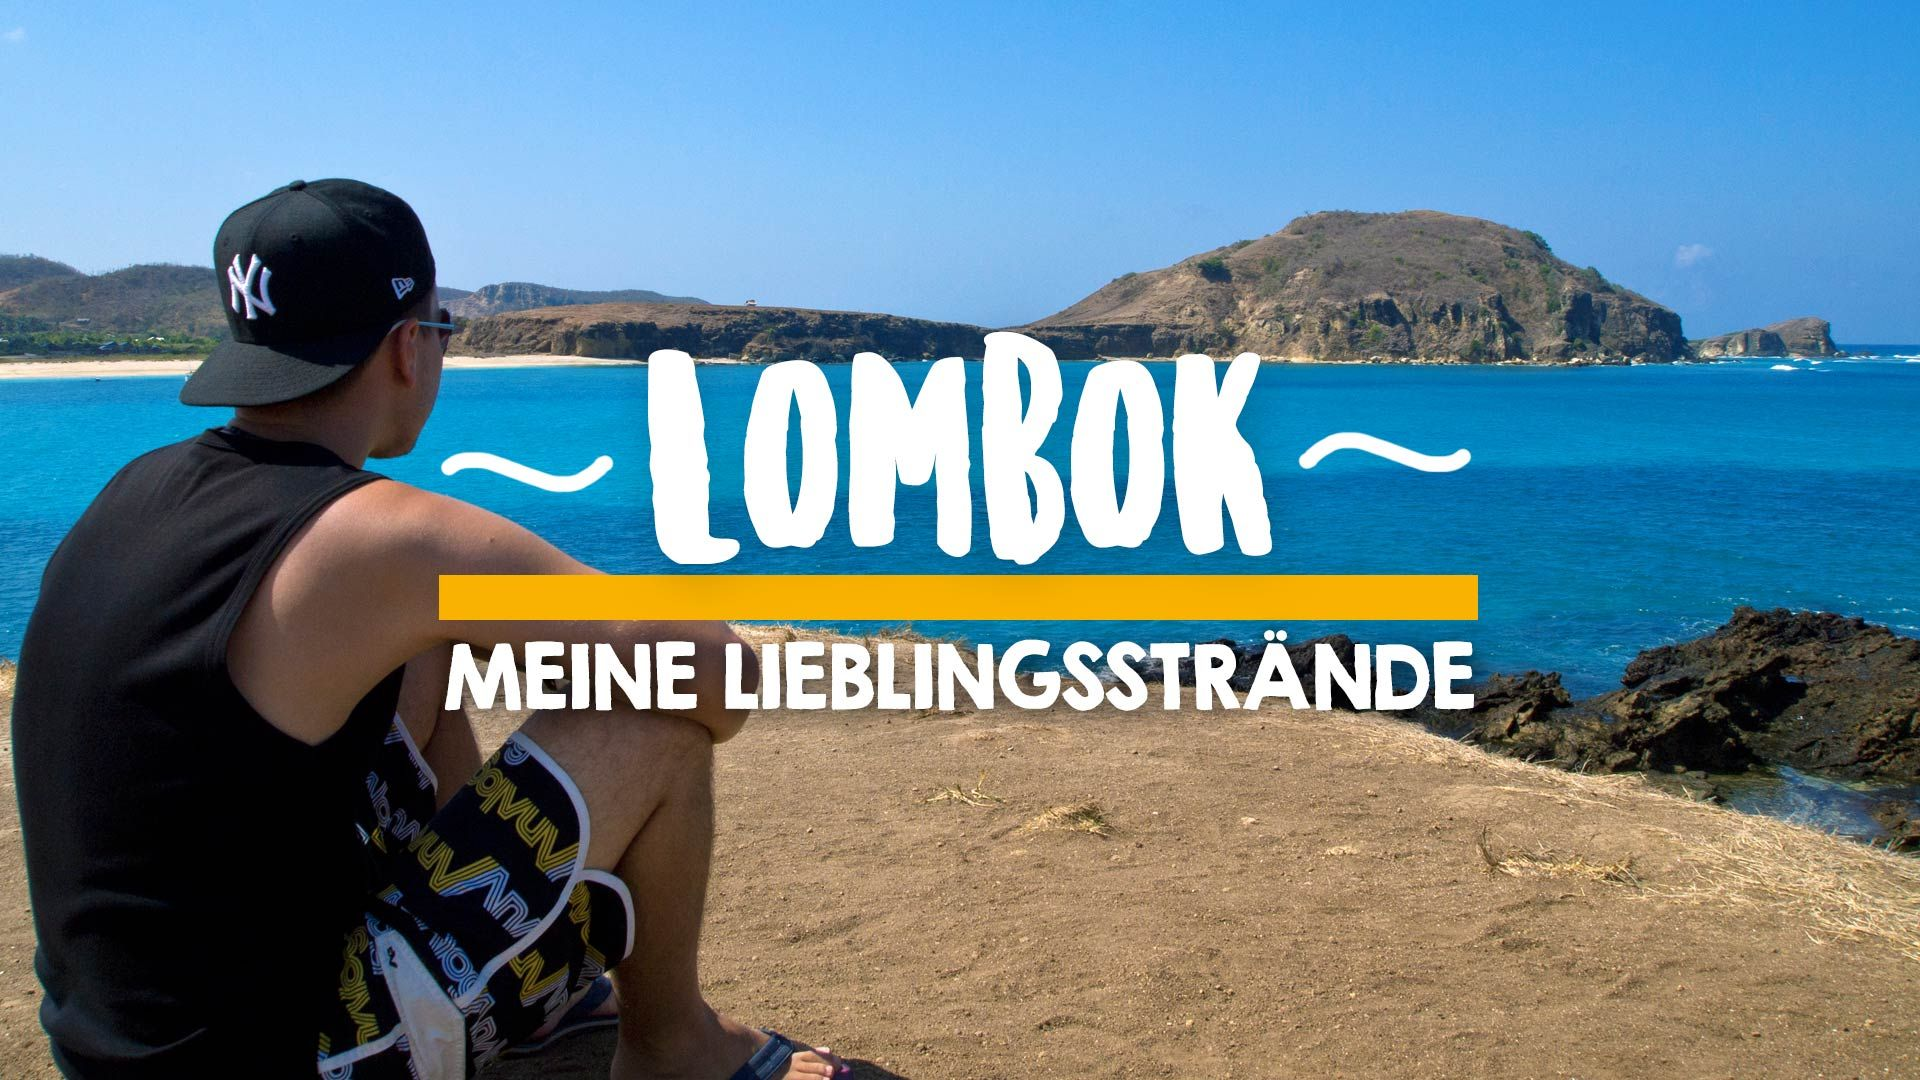 Lombok hat viele traumhafte Strände zu bieten - von bekannt bis völlig unberührt ist alles dabei! Ich zeige dir hier meine 6 Favoriten.